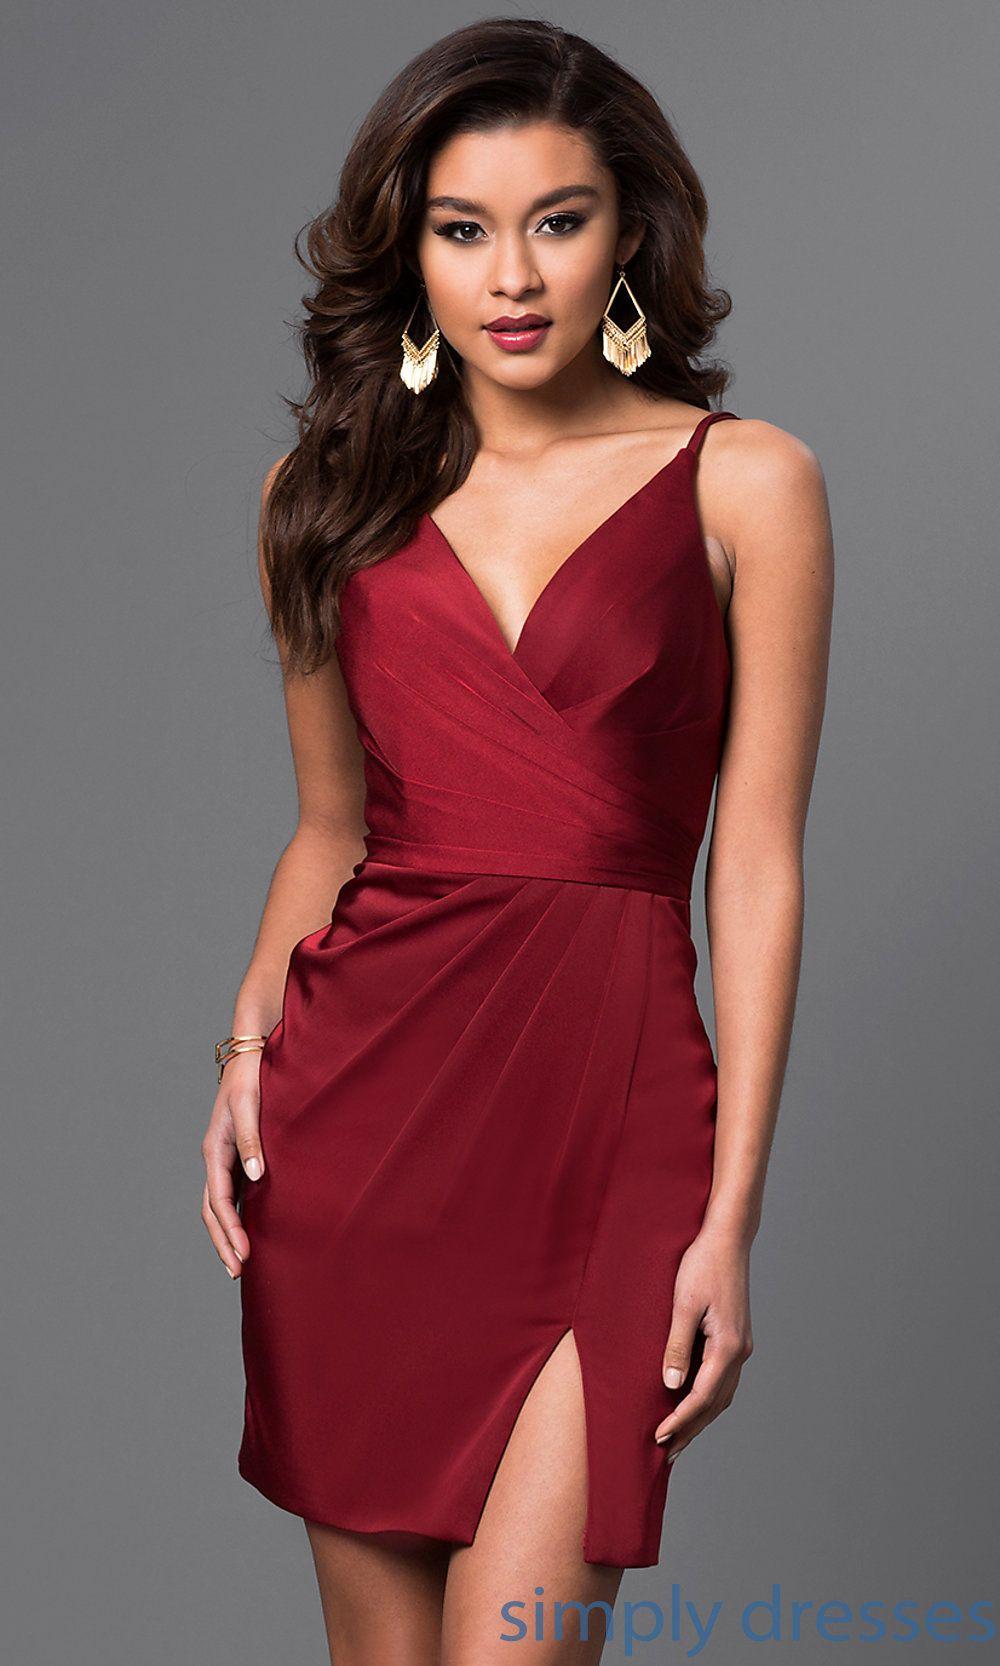 V Neck Backless Faviana Short Party Dress Faviana Dresses Short Dresses Short Satin Dress [ 1666 x 1000 Pixel ]